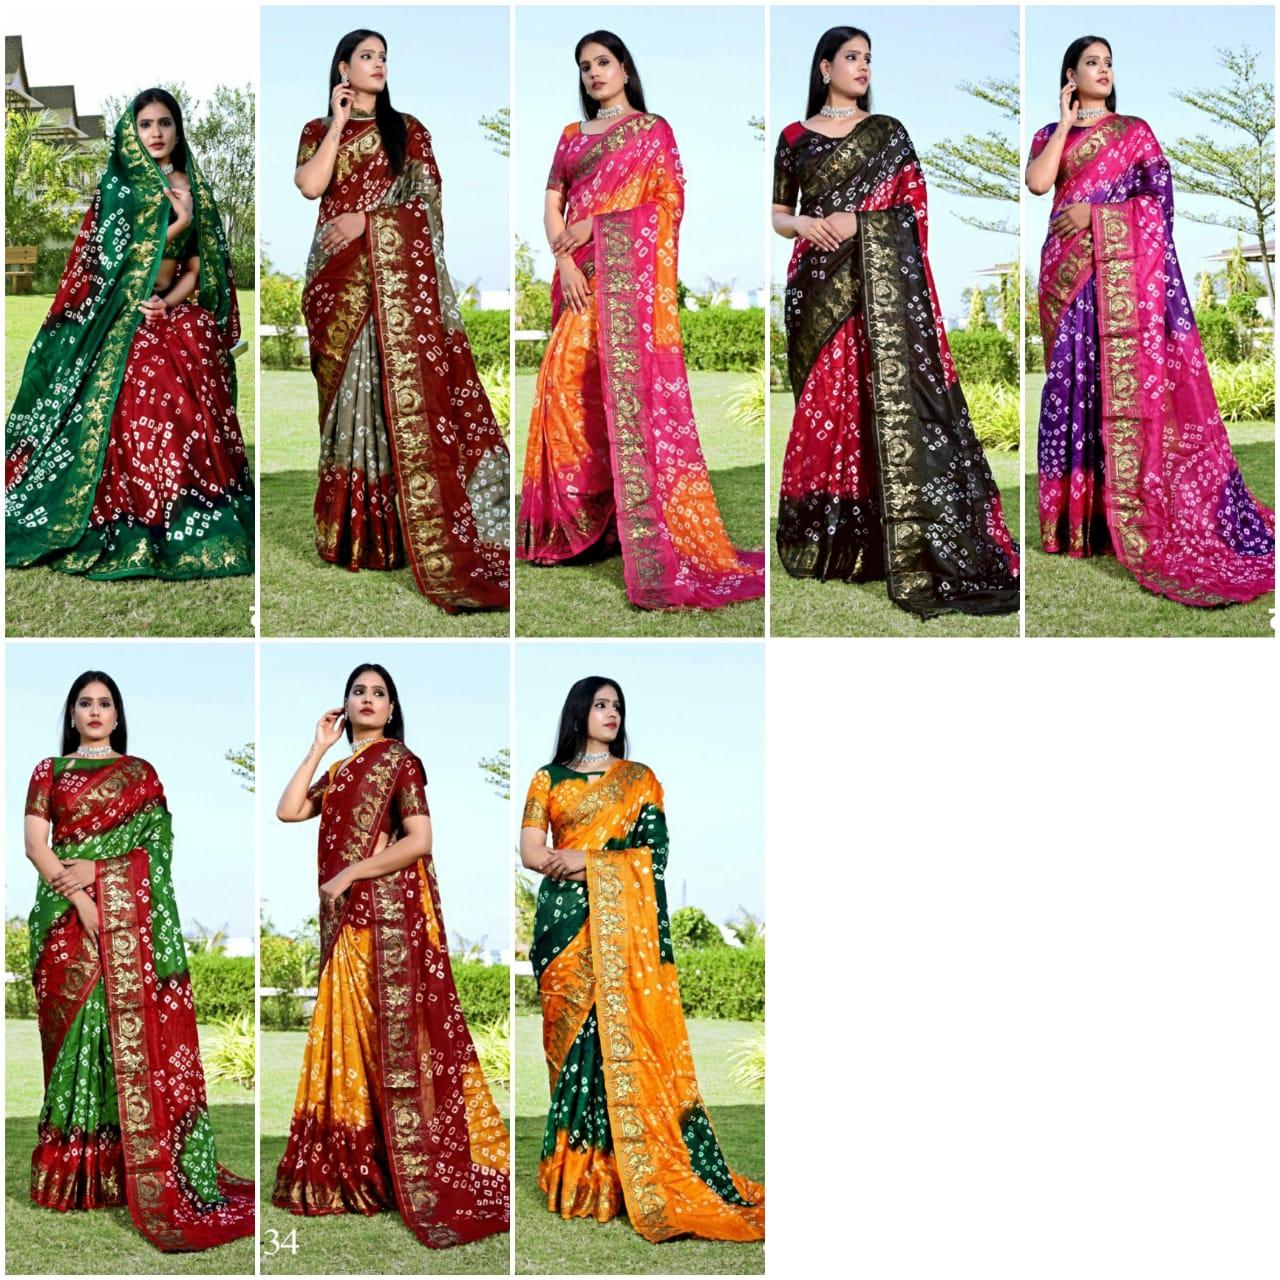 Palkhi-1 Presents Awesome Heavy Zari Weaving Border Hand Bandhani Saree At Wholesale Rate